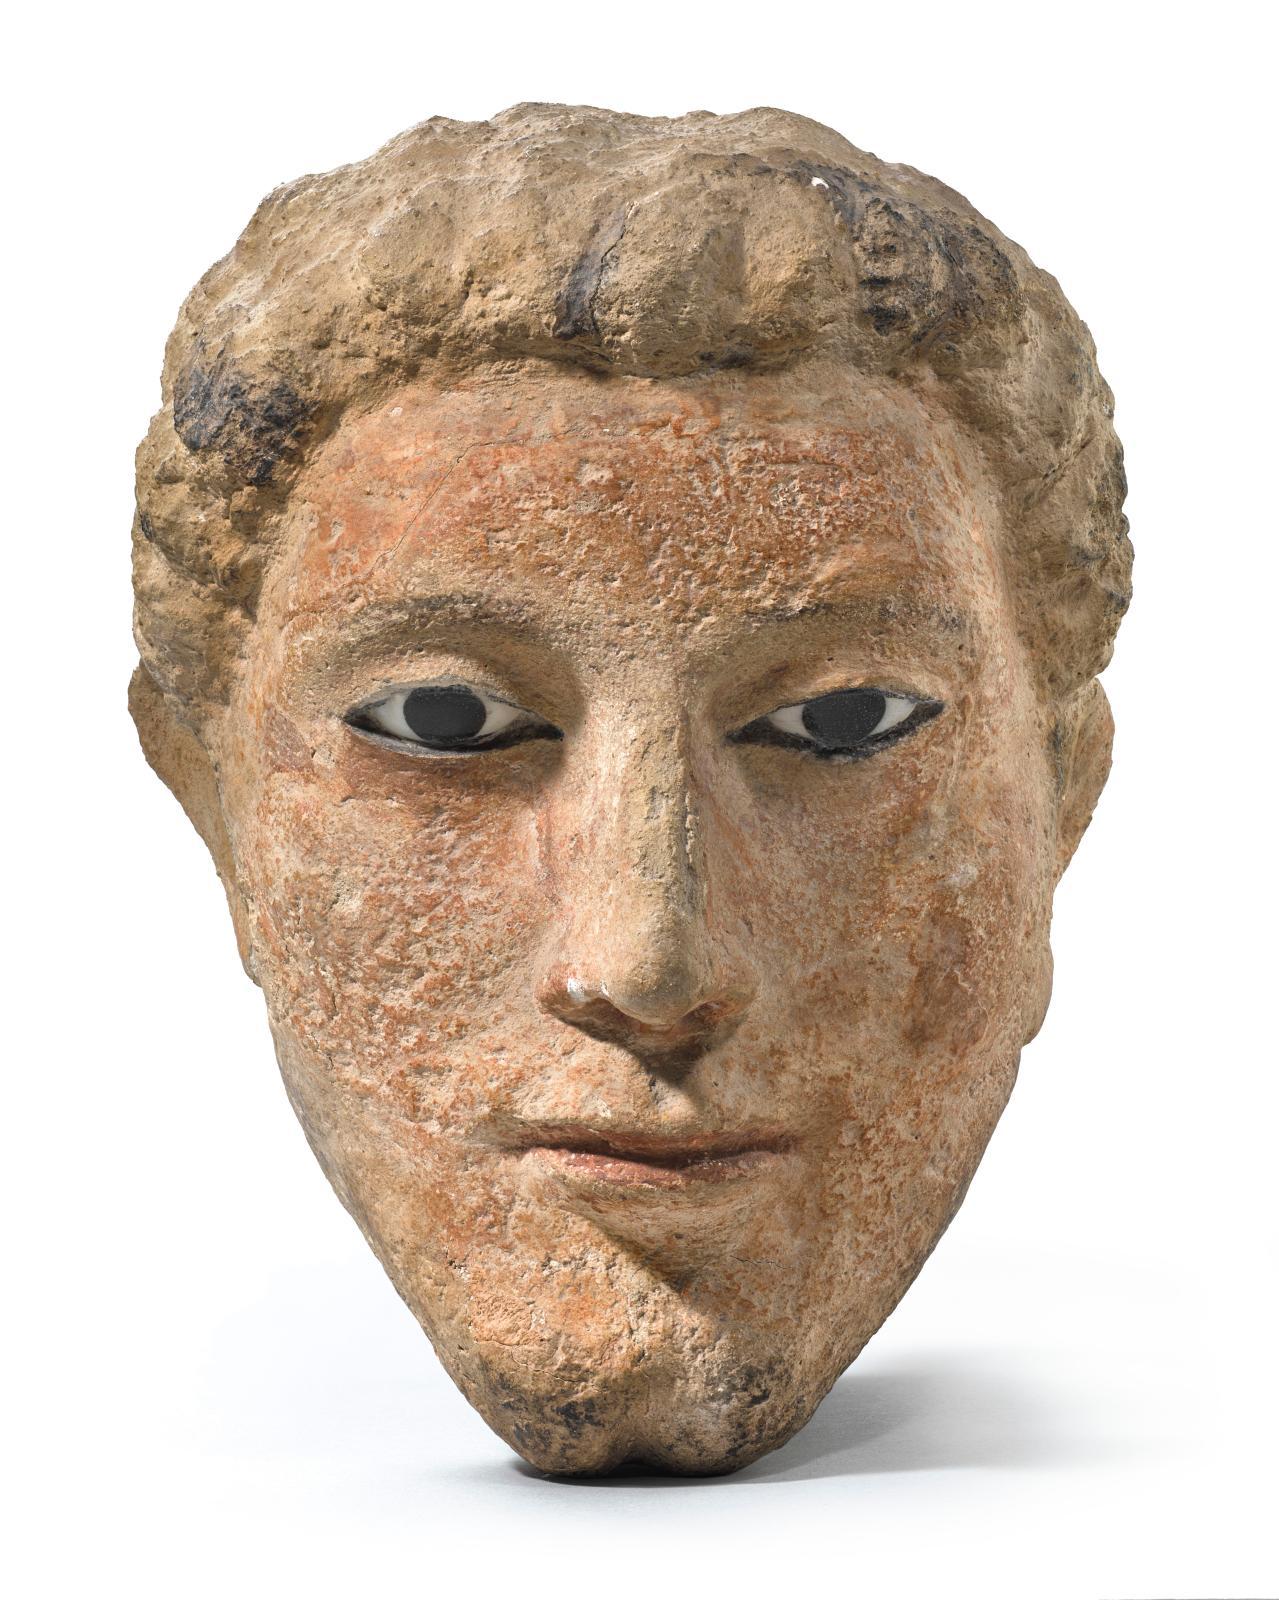 Moyenne Égypte, Masque funéraire masculin, époque romaine, Ier-IIesiècles, stuc peint et incrustation de verre, restes de polychromie, 22